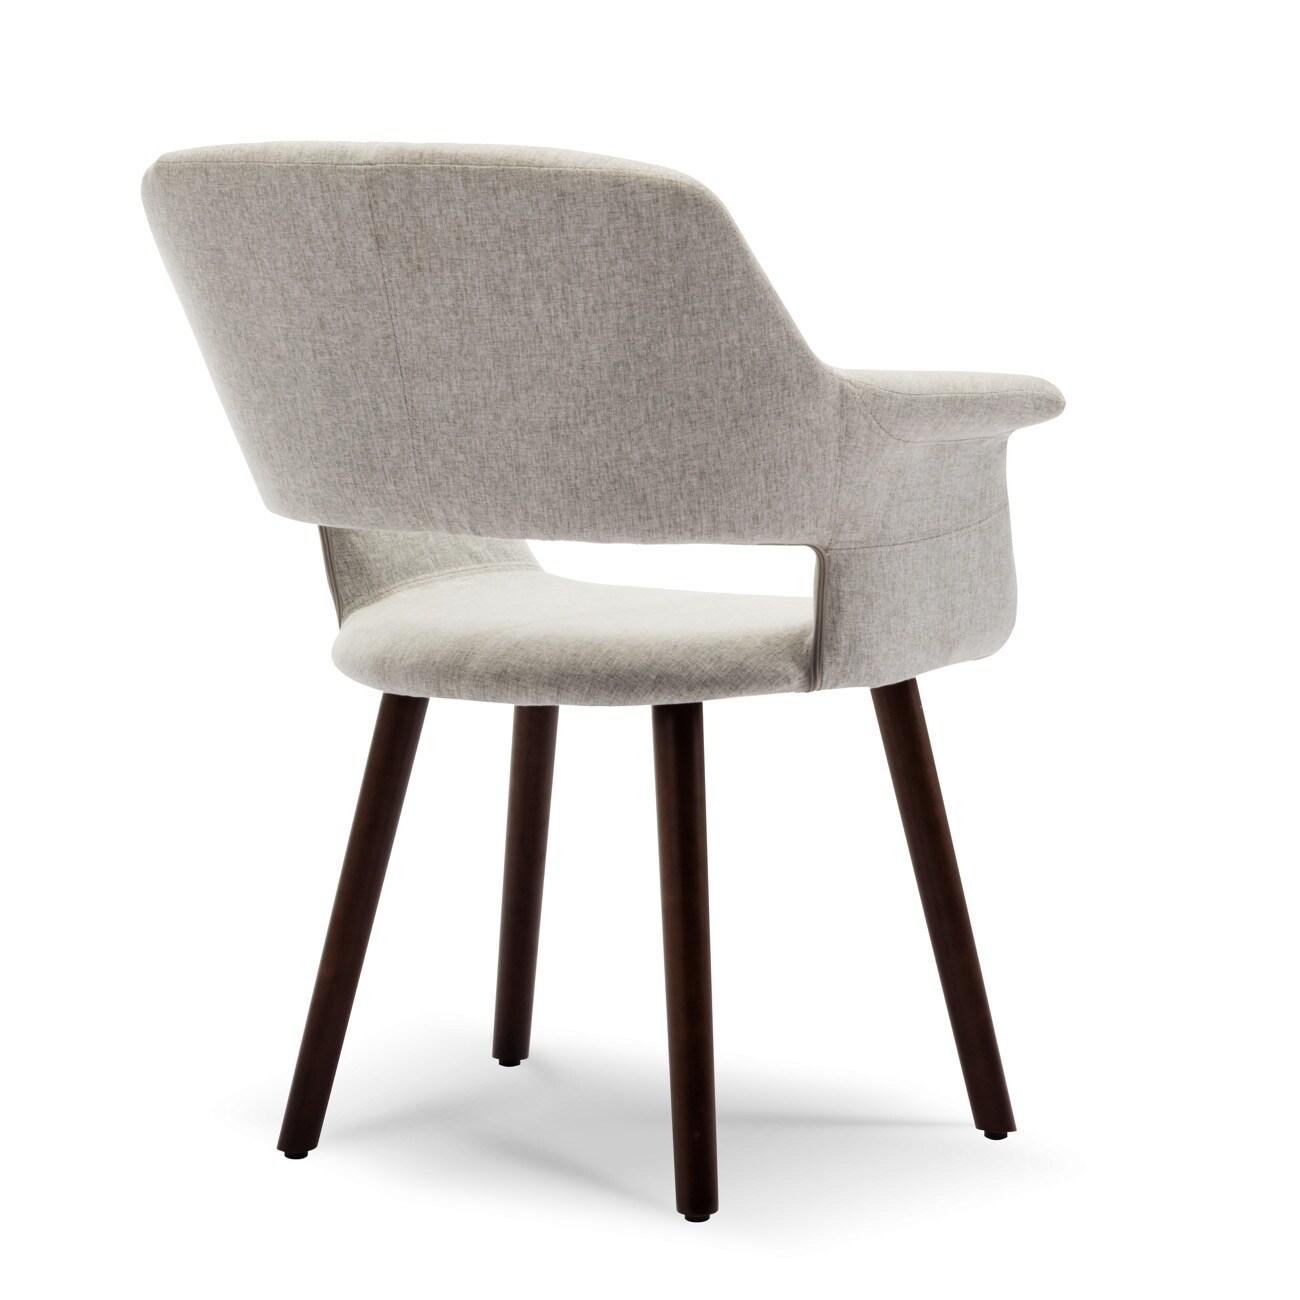 Belleze modern accent chair fabric armrest wood legs gray